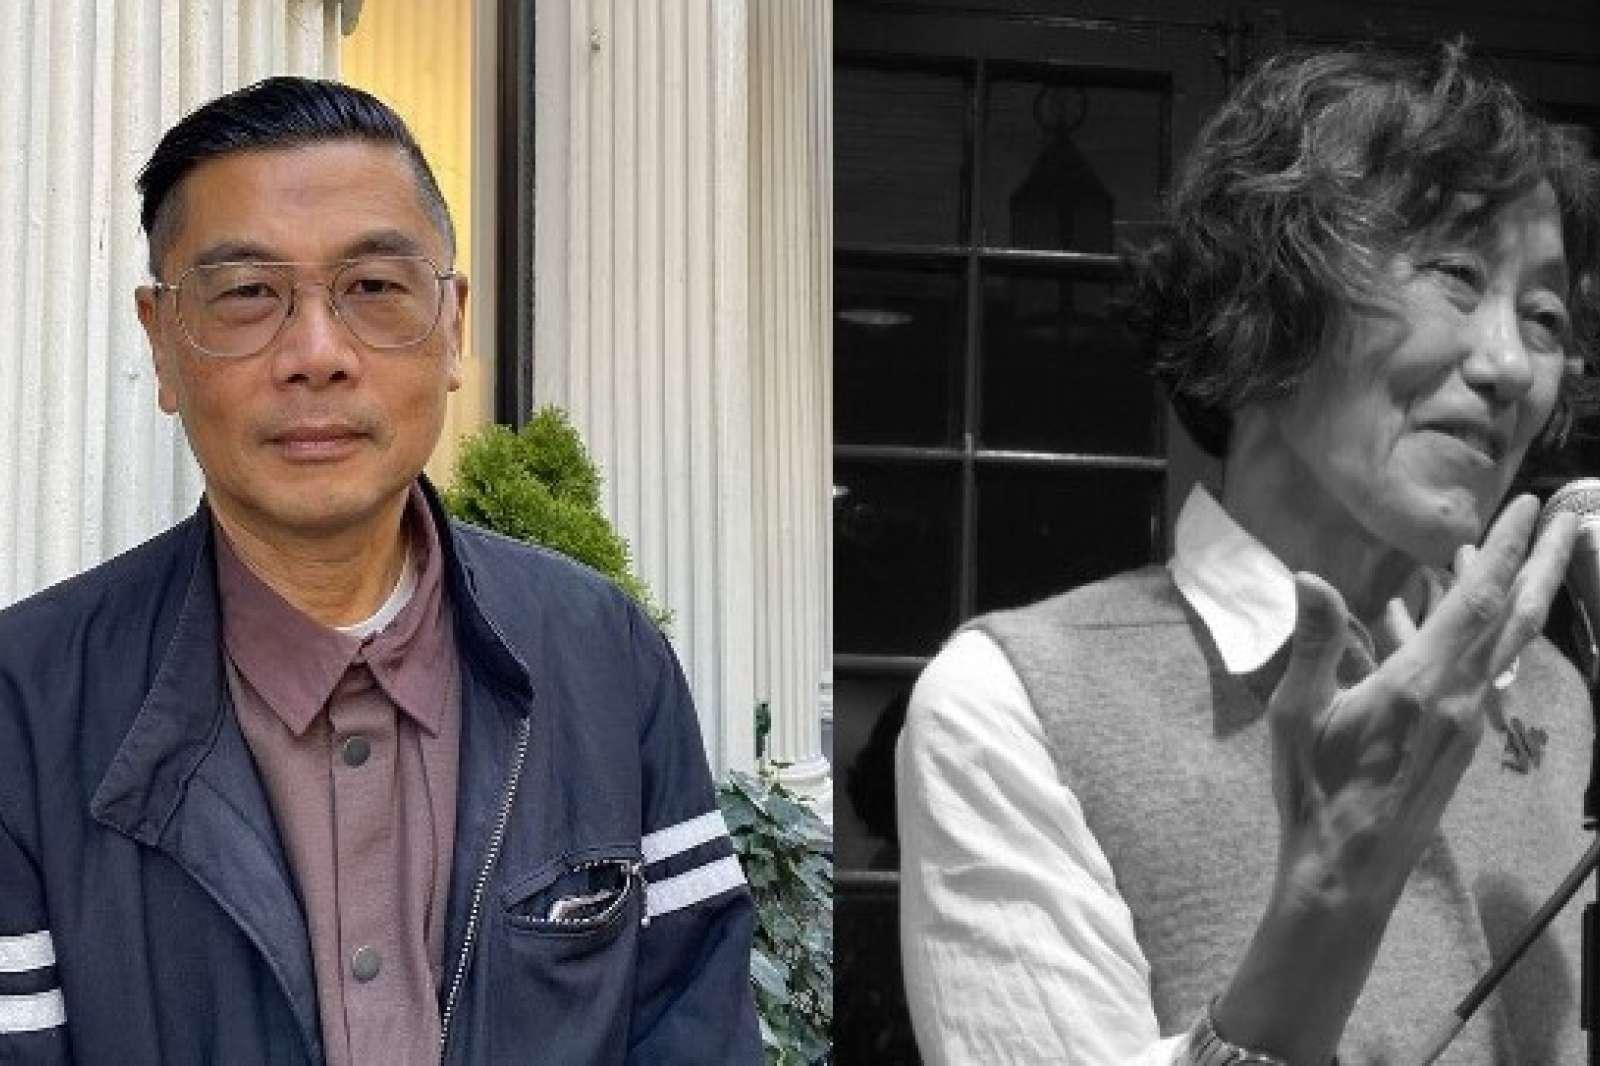 Artist Byron Kim and Poet Mei-mei Berssenbrugge